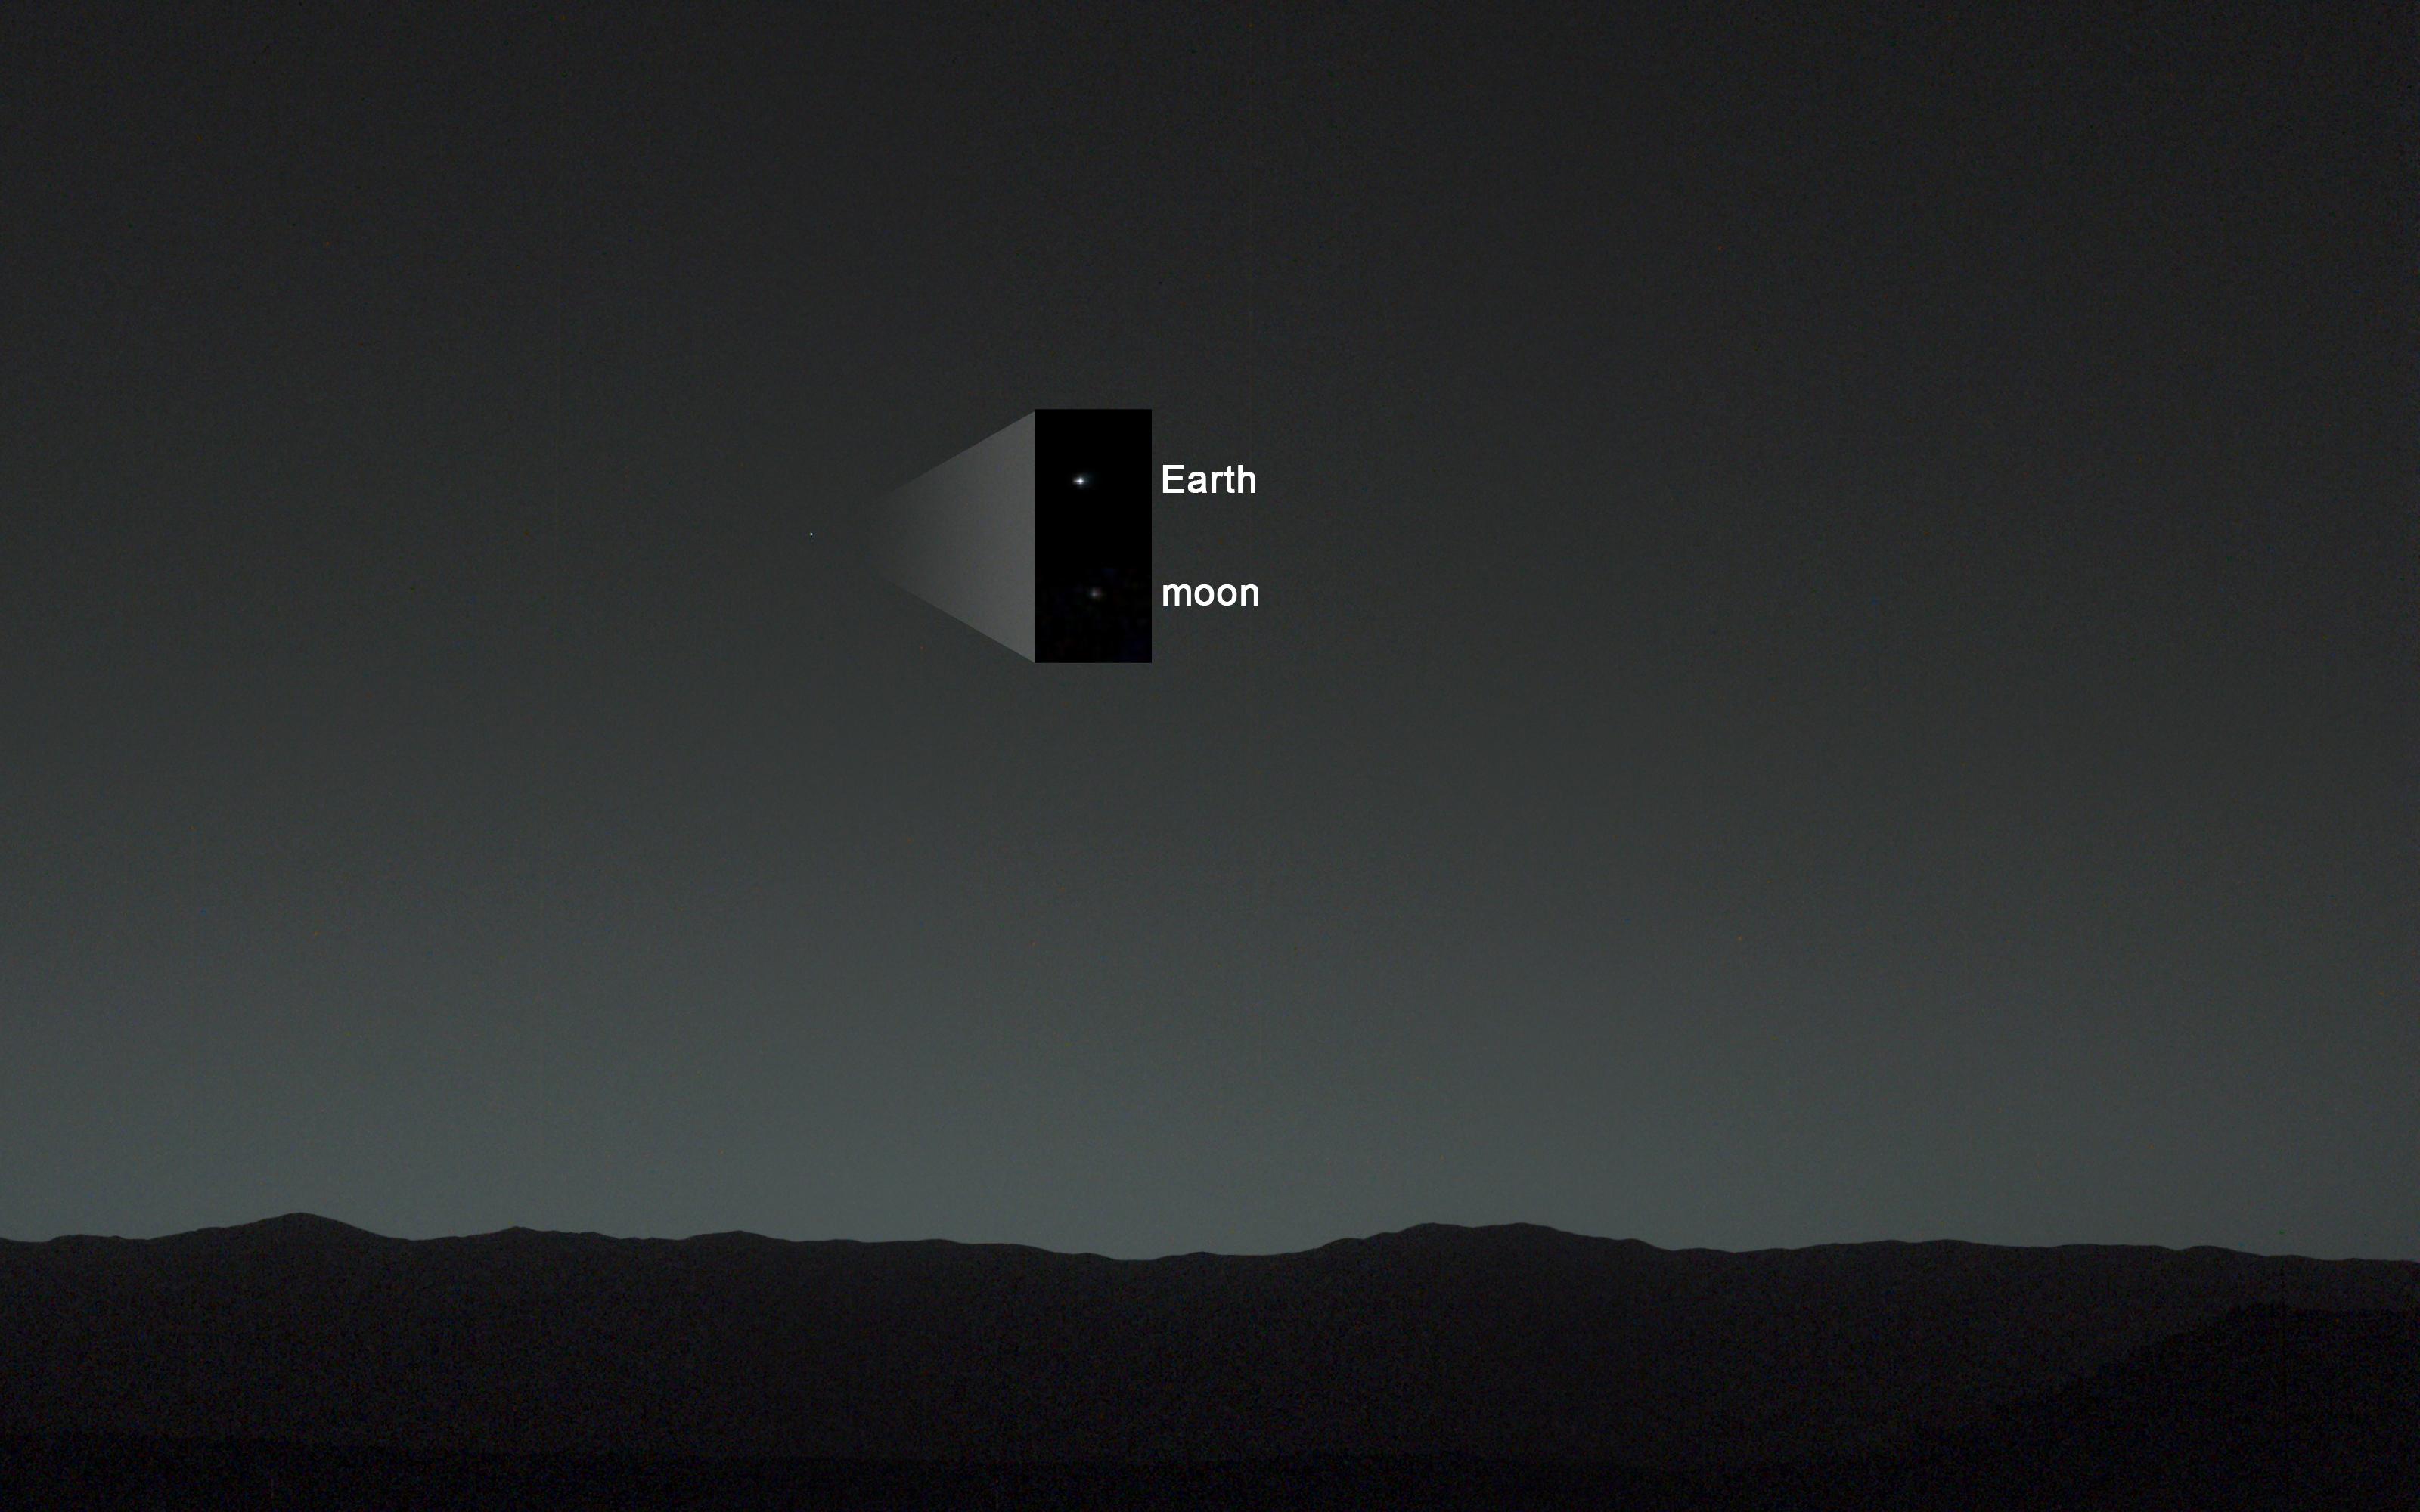 Земля Луна вид с Марса обработанная фотография